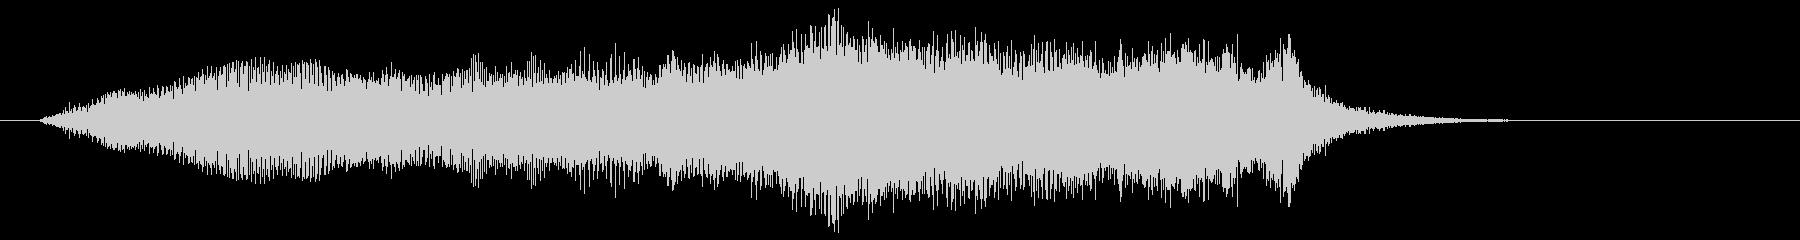 ジャーーン(映画の始まりのような音)の未再生の波形